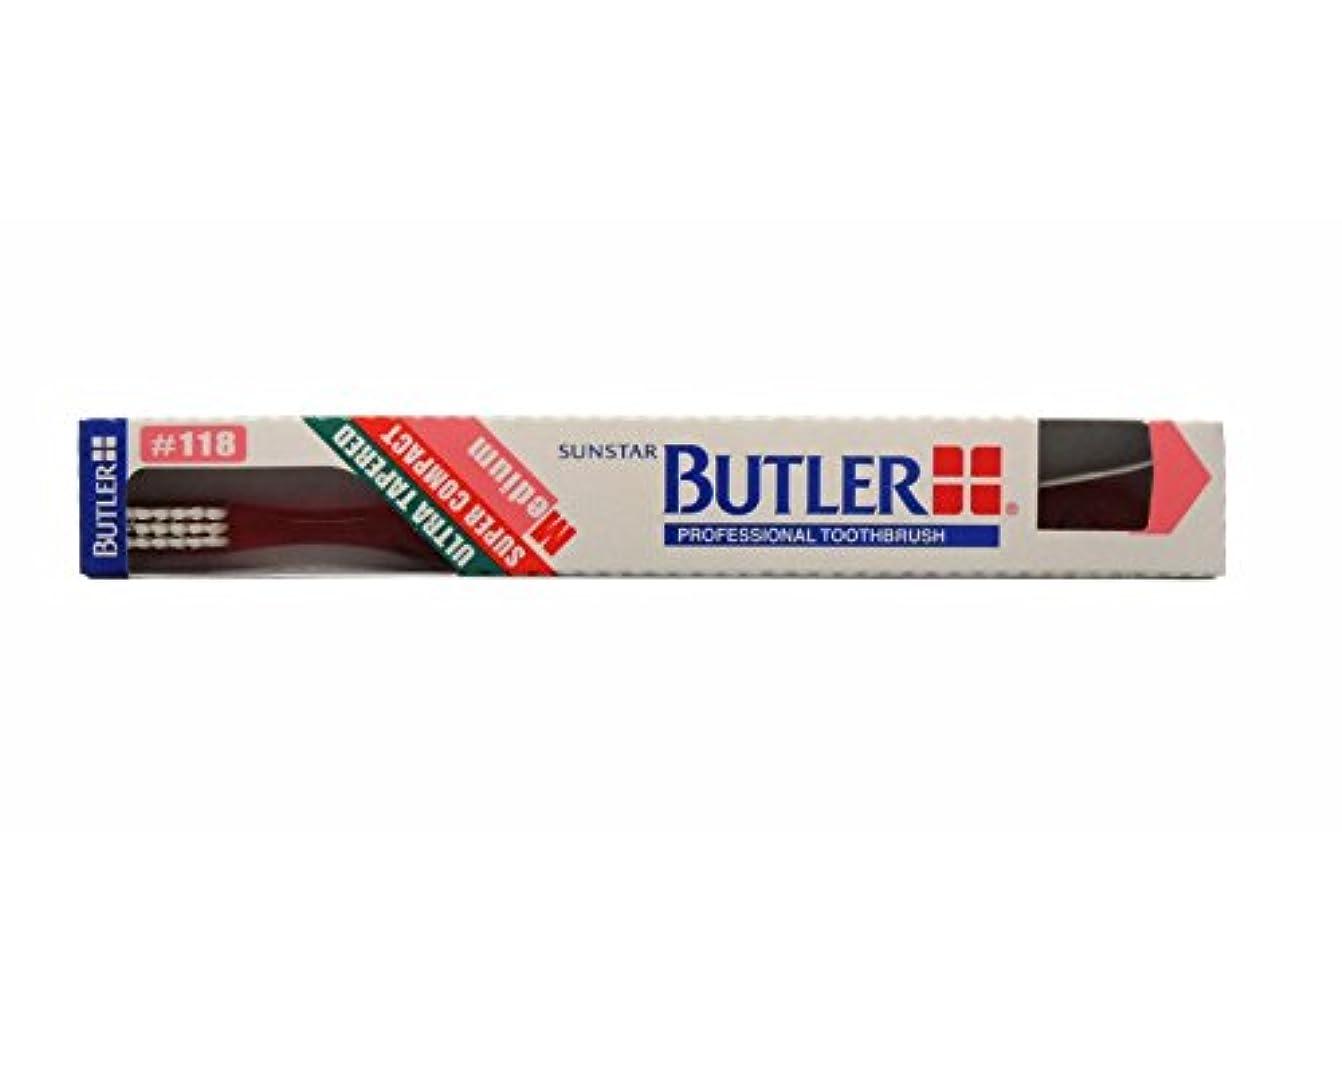 番号薬理学操作可能バトラー 歯ブラシ 1本 #118 レッド